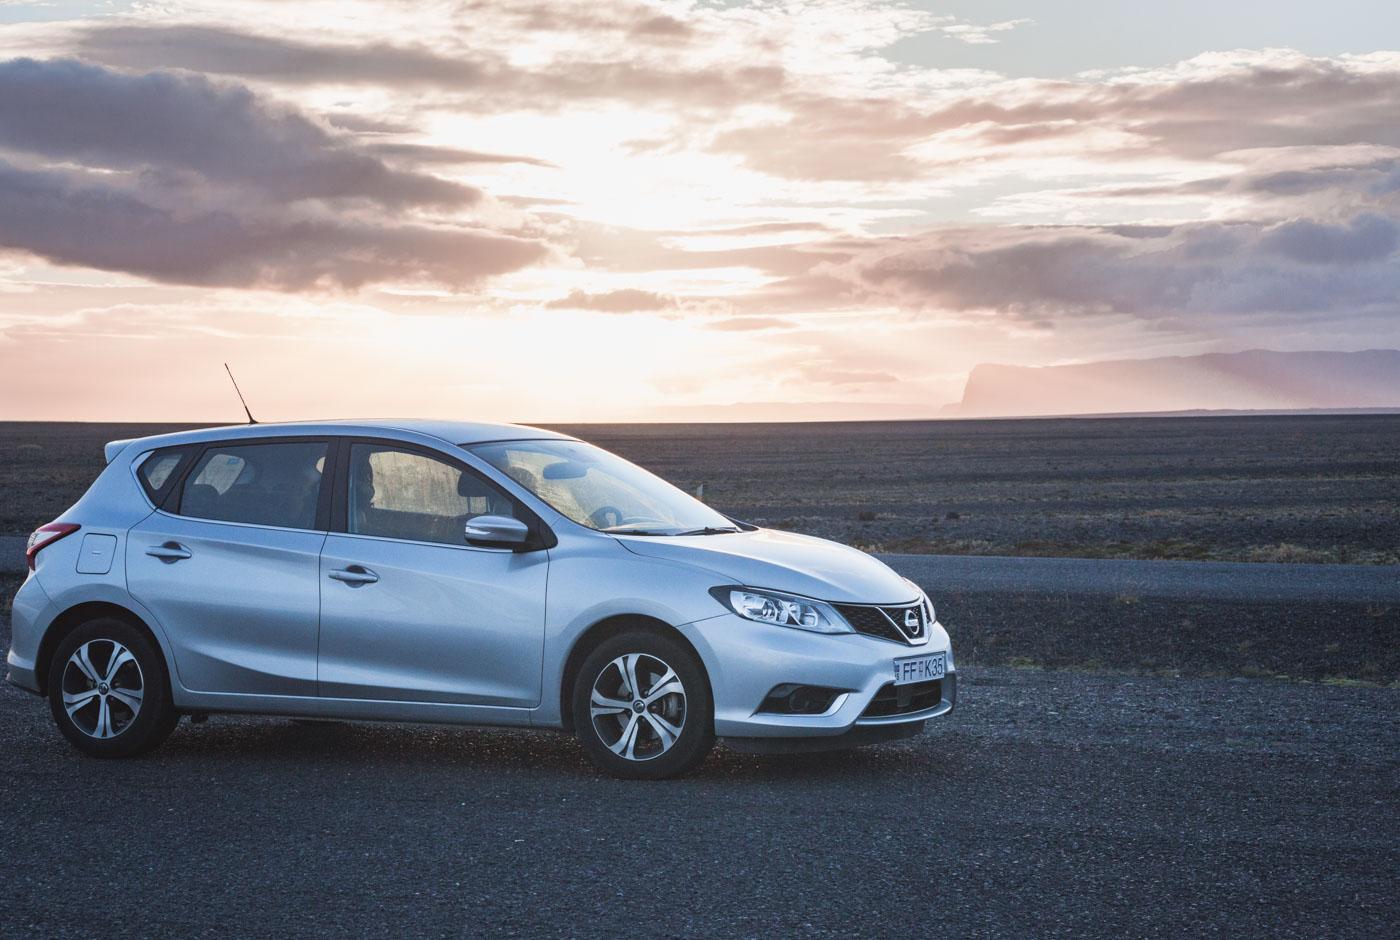 Wypożyczanie samochodu na Islandii